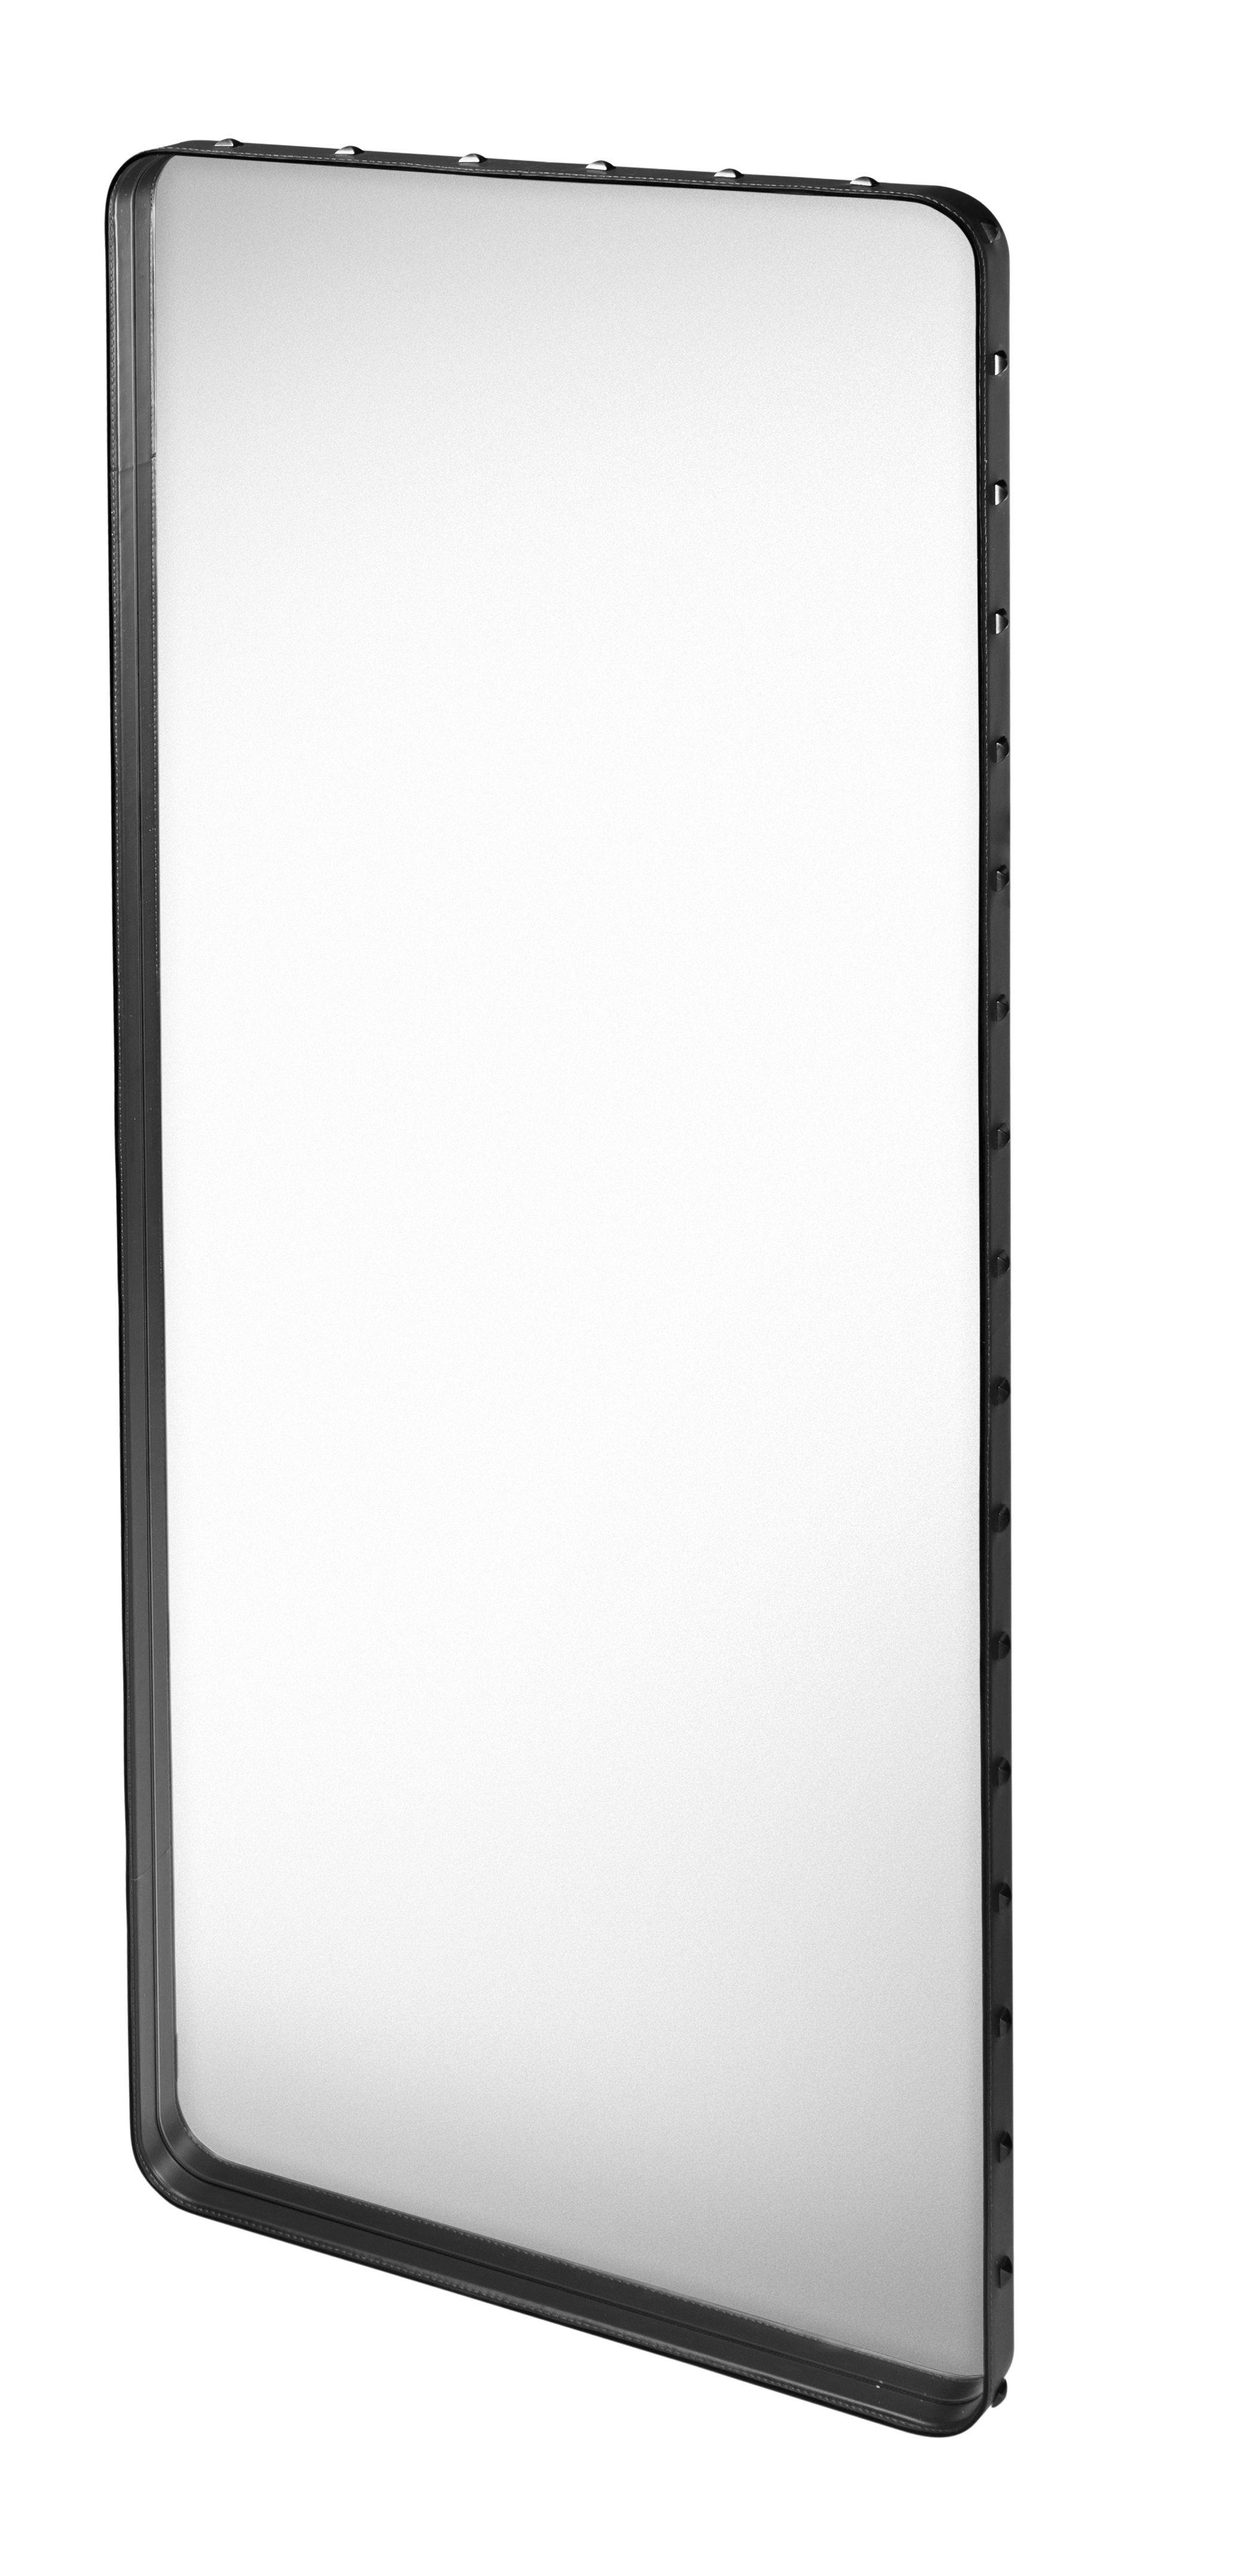 Miroir mural adnet 115 x 70 cm r dition 50 39 cuir noir for Miroir 50 70